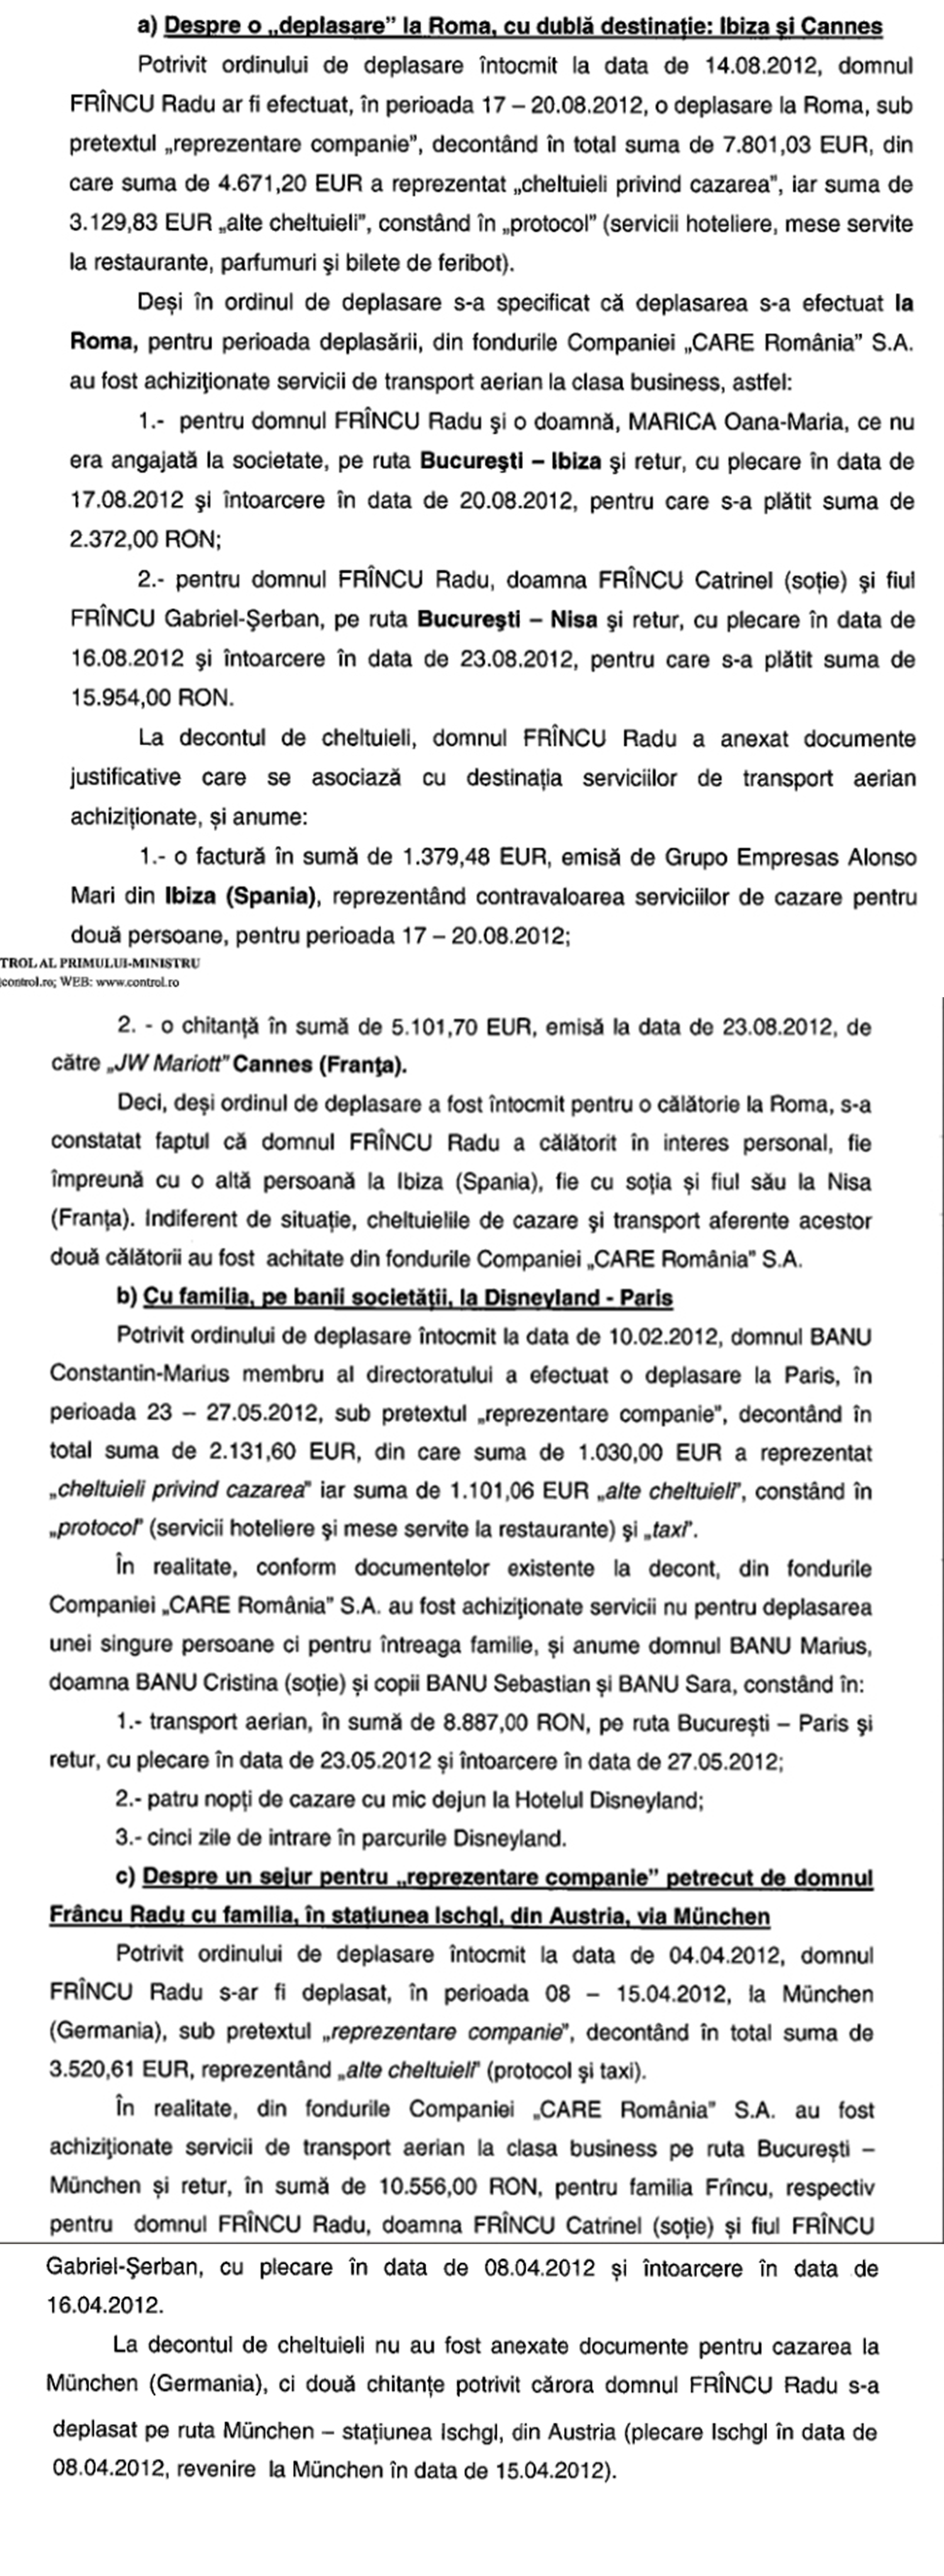 Raportul Corpului de Control a descoperit ca Frincu si camarila lui si-a decontat vacantele de lux din banii CARE